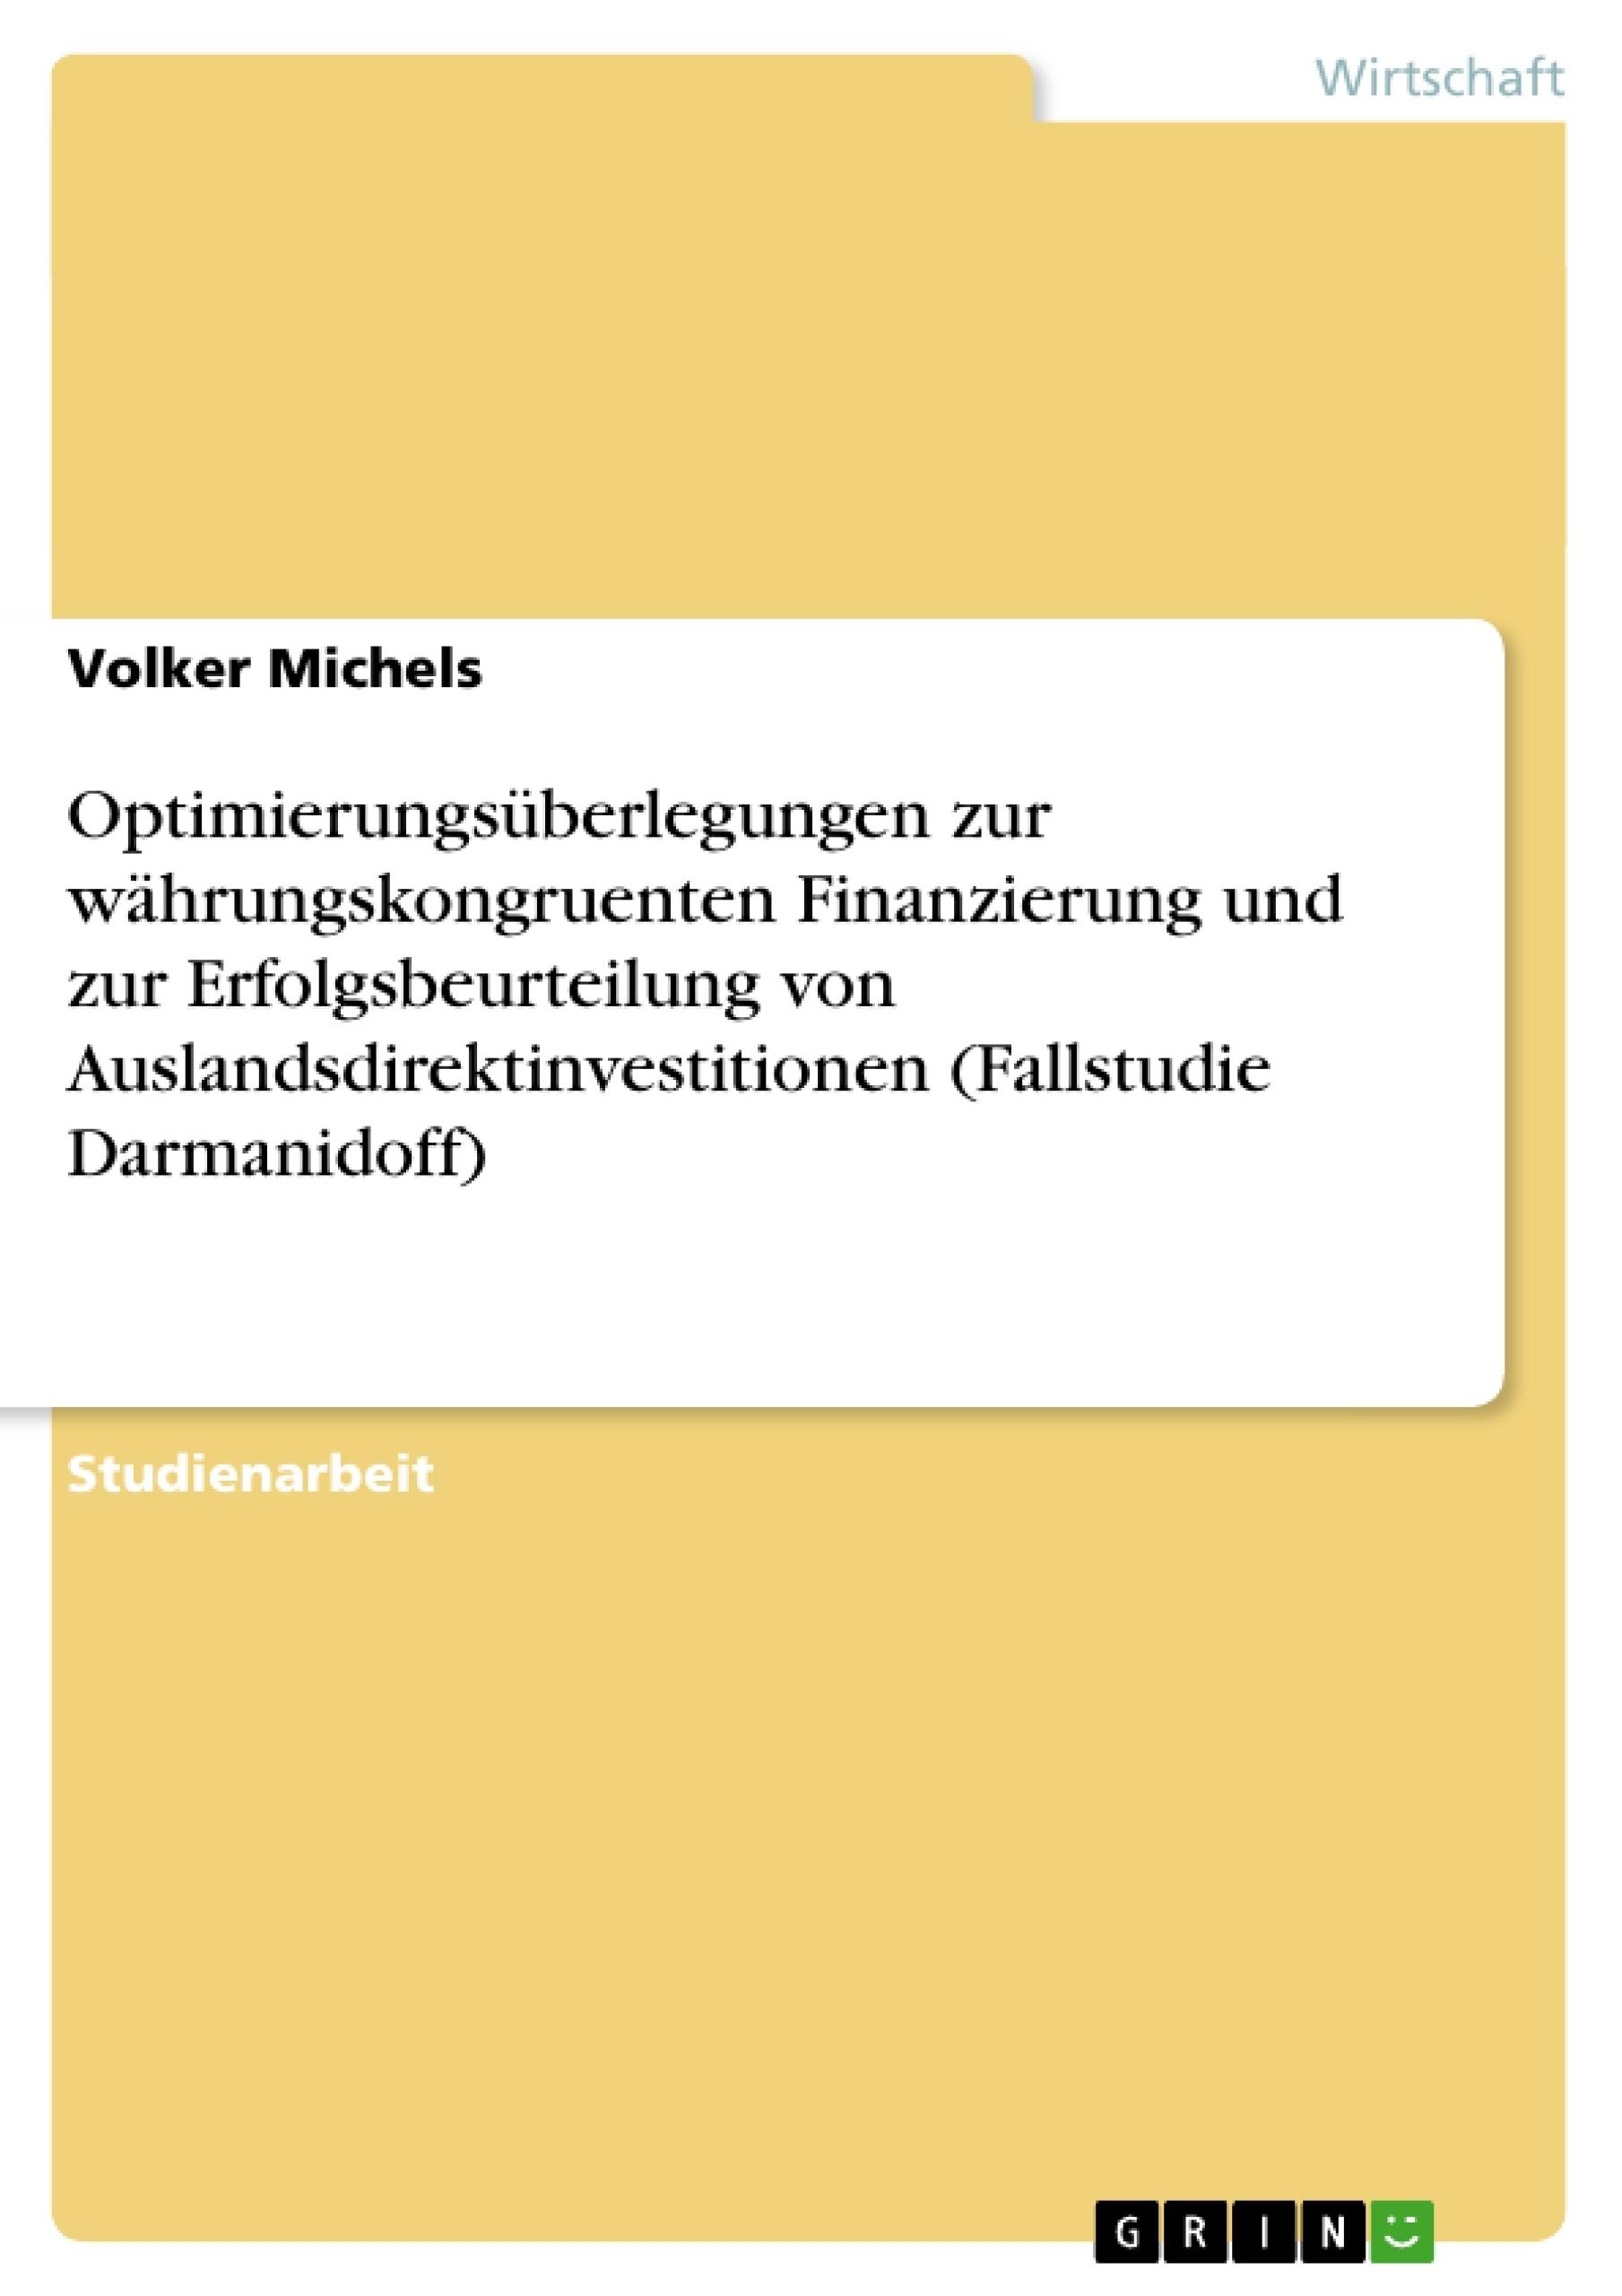 Titel: Optimierungsüberlegungen zur währungskongruenten Finanzierung und zur Erfolgsbeurteilung von Auslandsdirektinvestitionen (Fallstudie Darmanidoff)